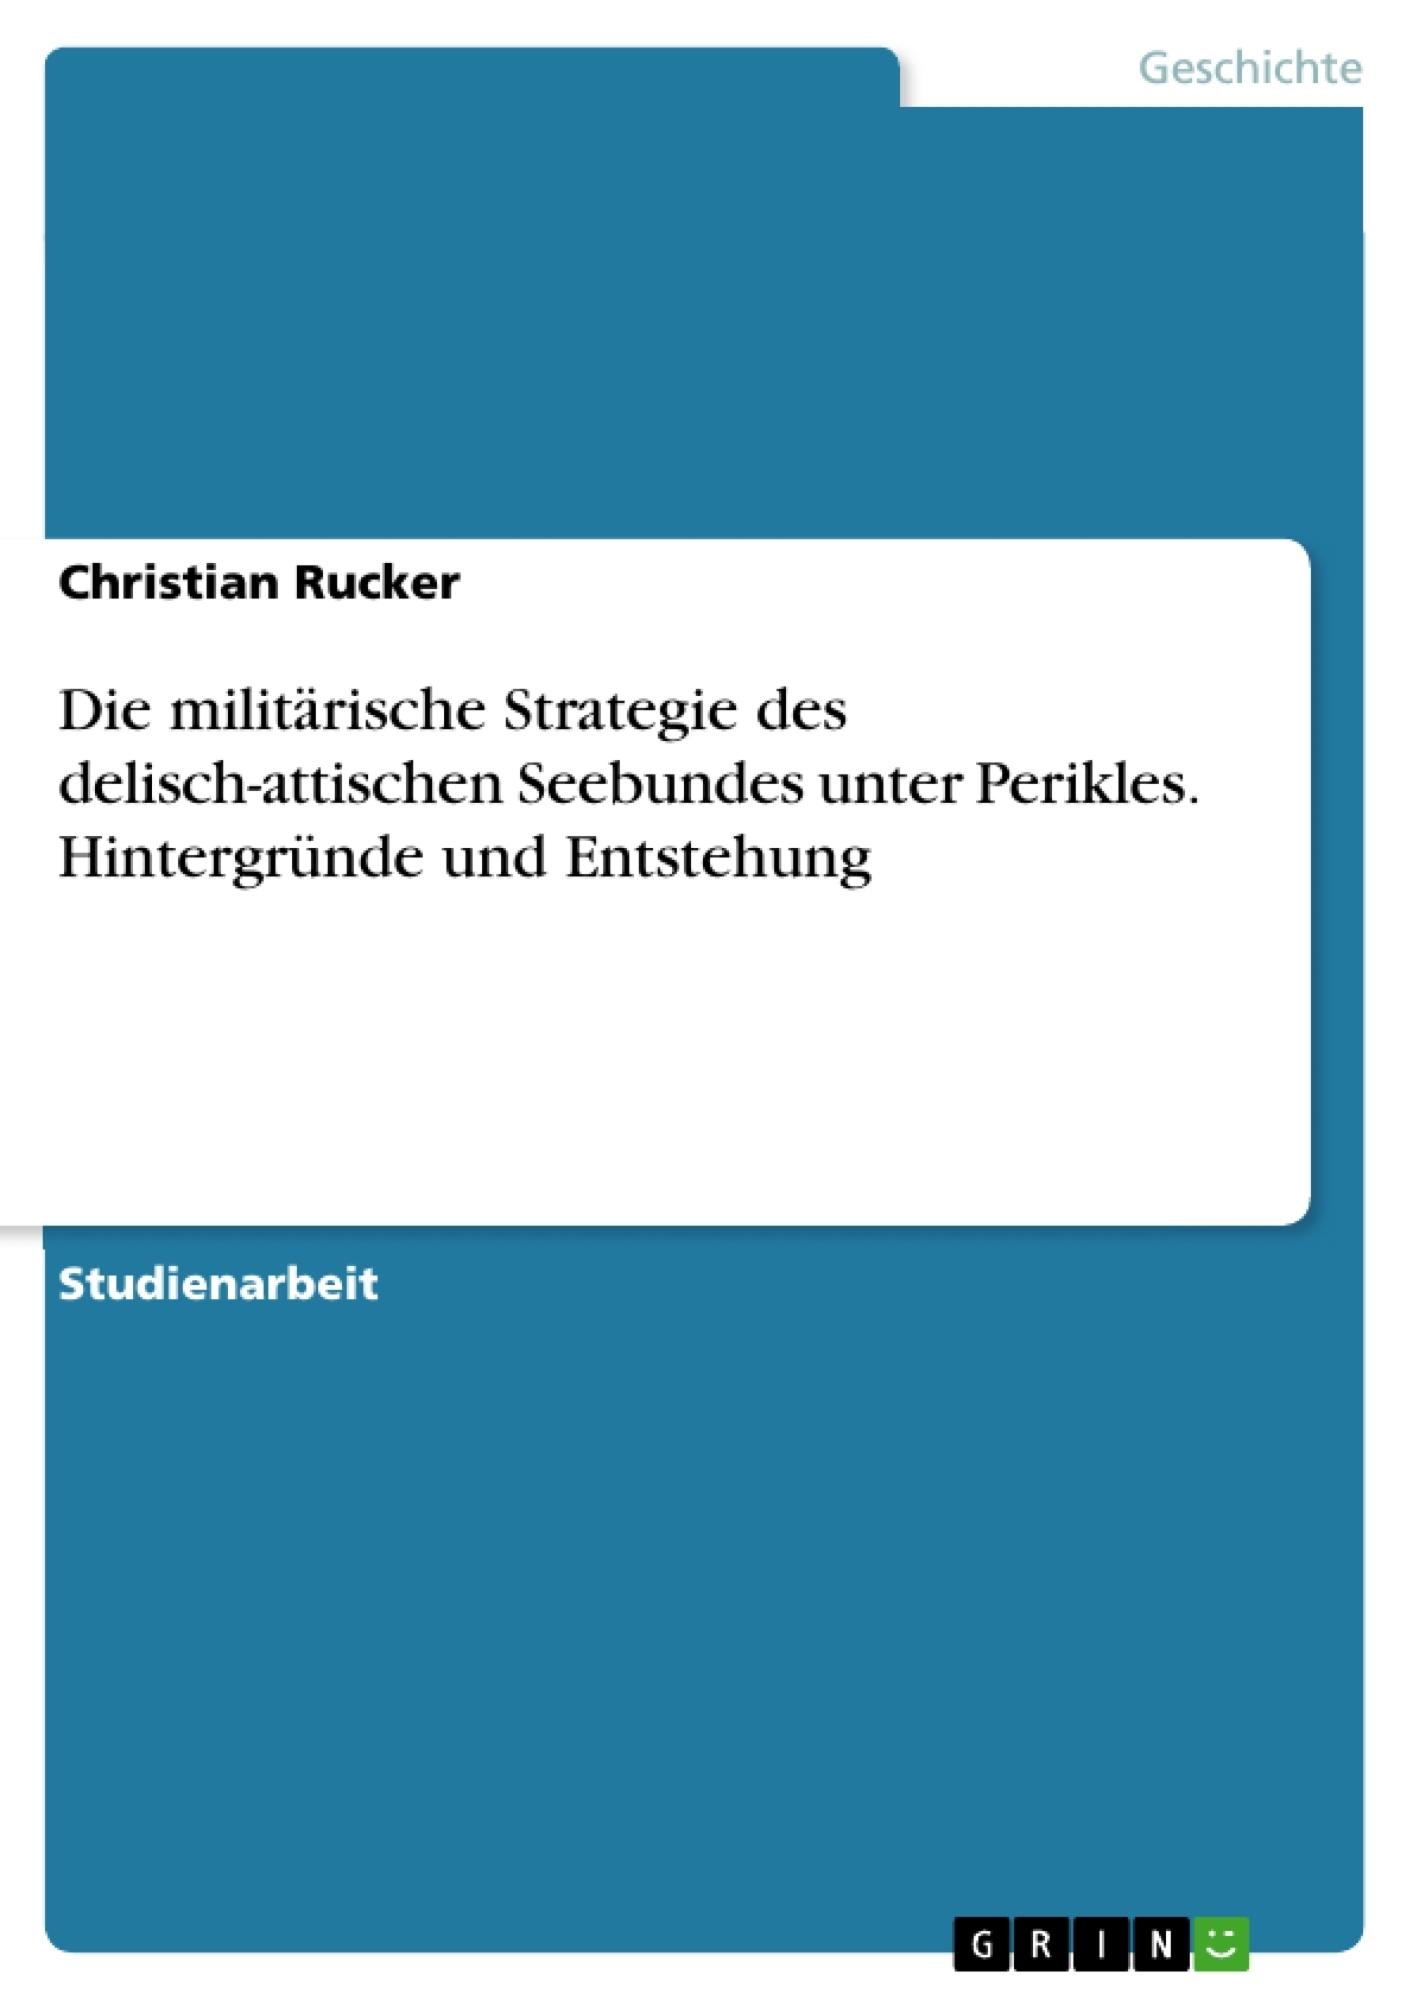 Titel: Die militärische Strategie des delisch-attischen Seebundes unter Perikles. Hintergründe und Entstehung